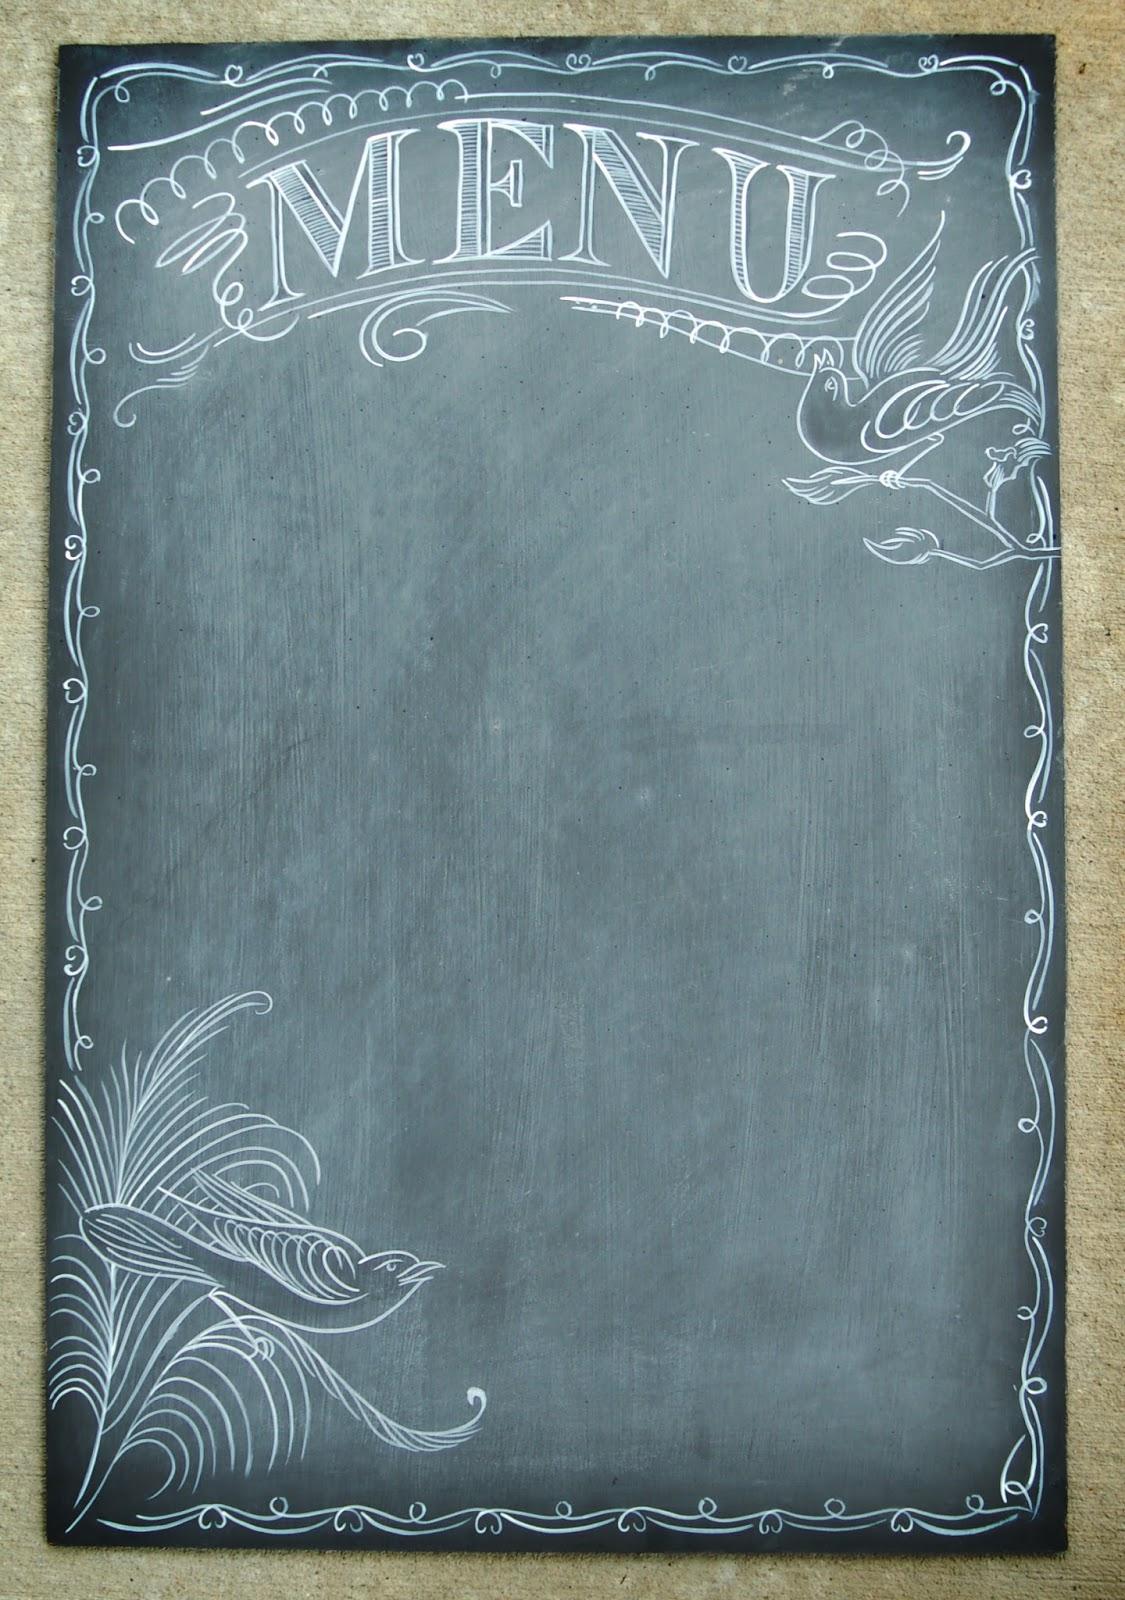 chalkboard restaurant menu template, chalkboard menu template download, chalkboard menu template free download, chalkboard menu template photoshop, chalkboard menu template powerpoint, chalkboard menu template word, chalkboard menu template illustrator, chalkboard menu template microsoft word